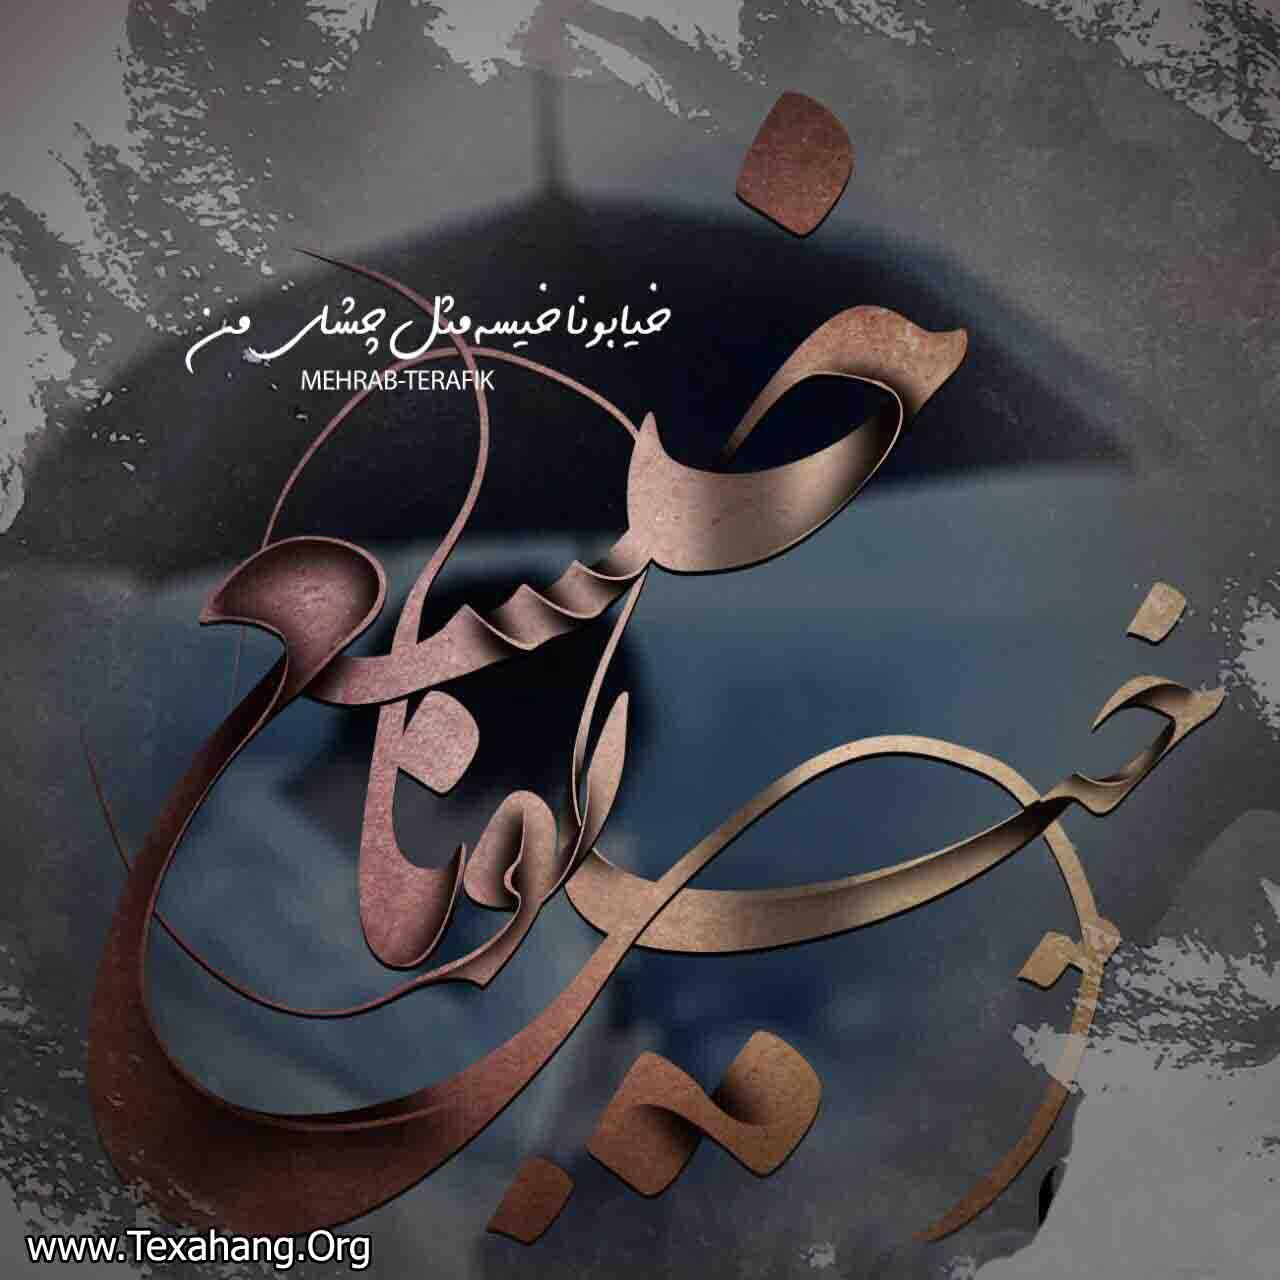 متن آهنگ ساعت عشق مهراب